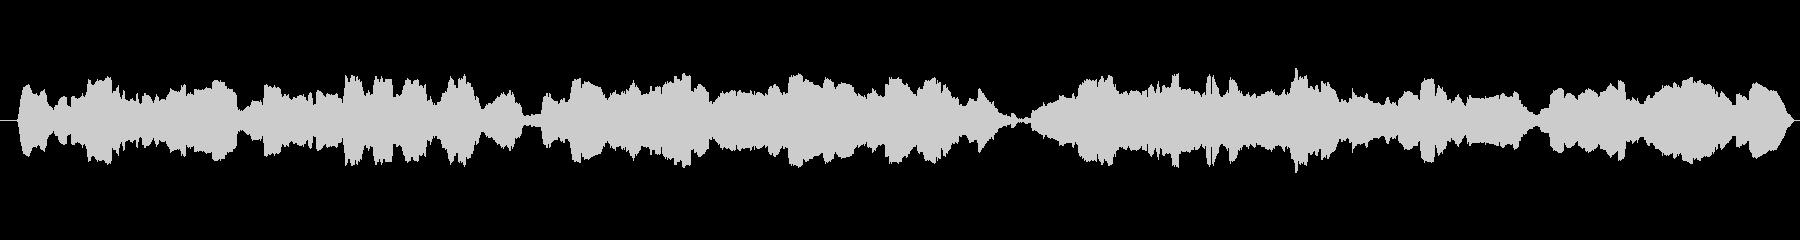 素材 オカリナランダムネスロング01の未再生の波形